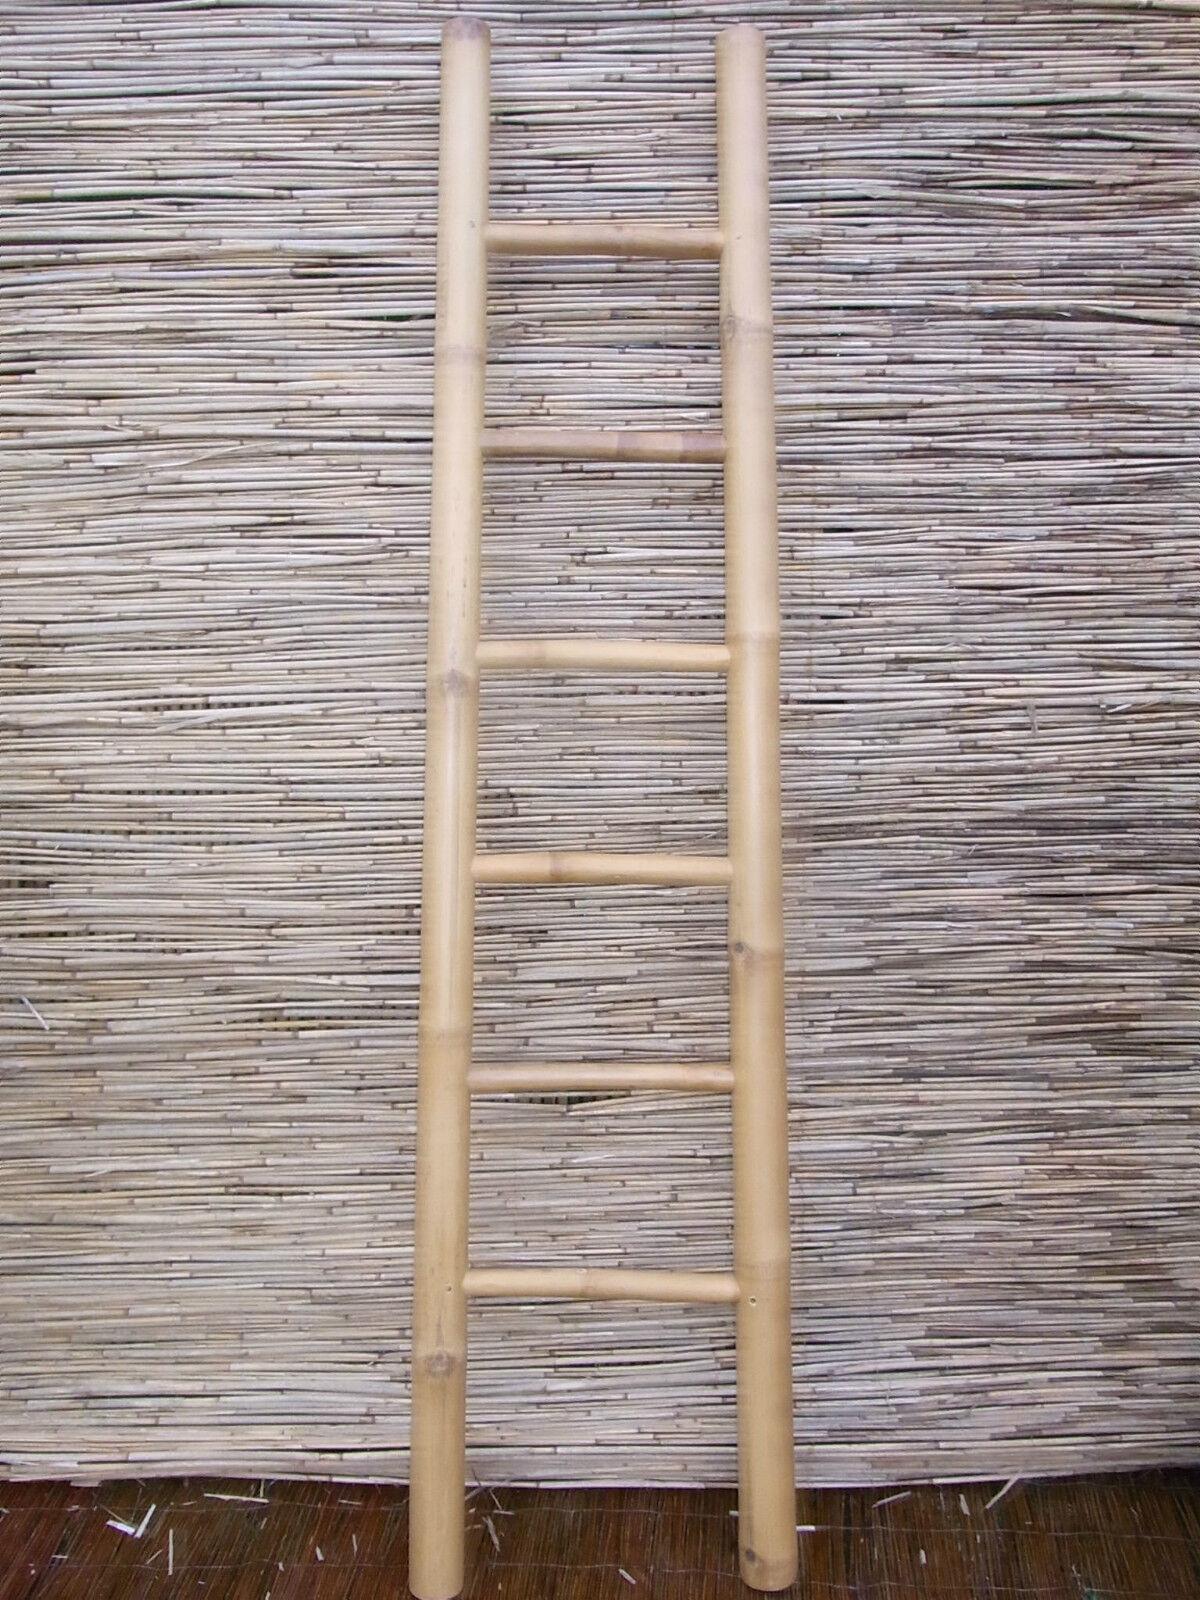 bambusleiter leiter handtuchhalter kleiderst nder kleiderleiter 200cm 3 farbig eur 41 90. Black Bedroom Furniture Sets. Home Design Ideas